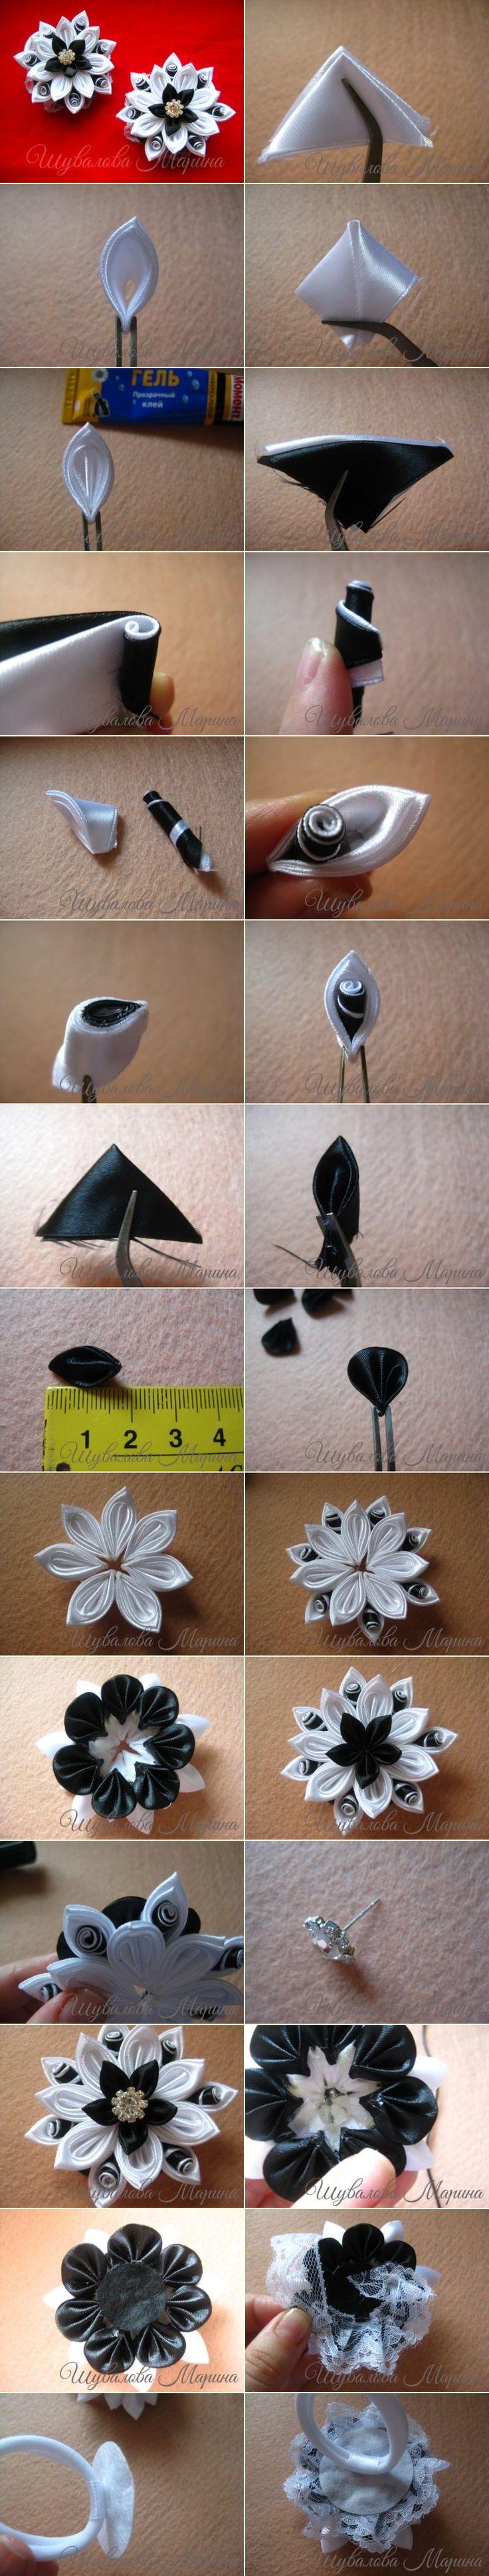 Мастер-класс на резиночки из атласных лент шириной 5 см.